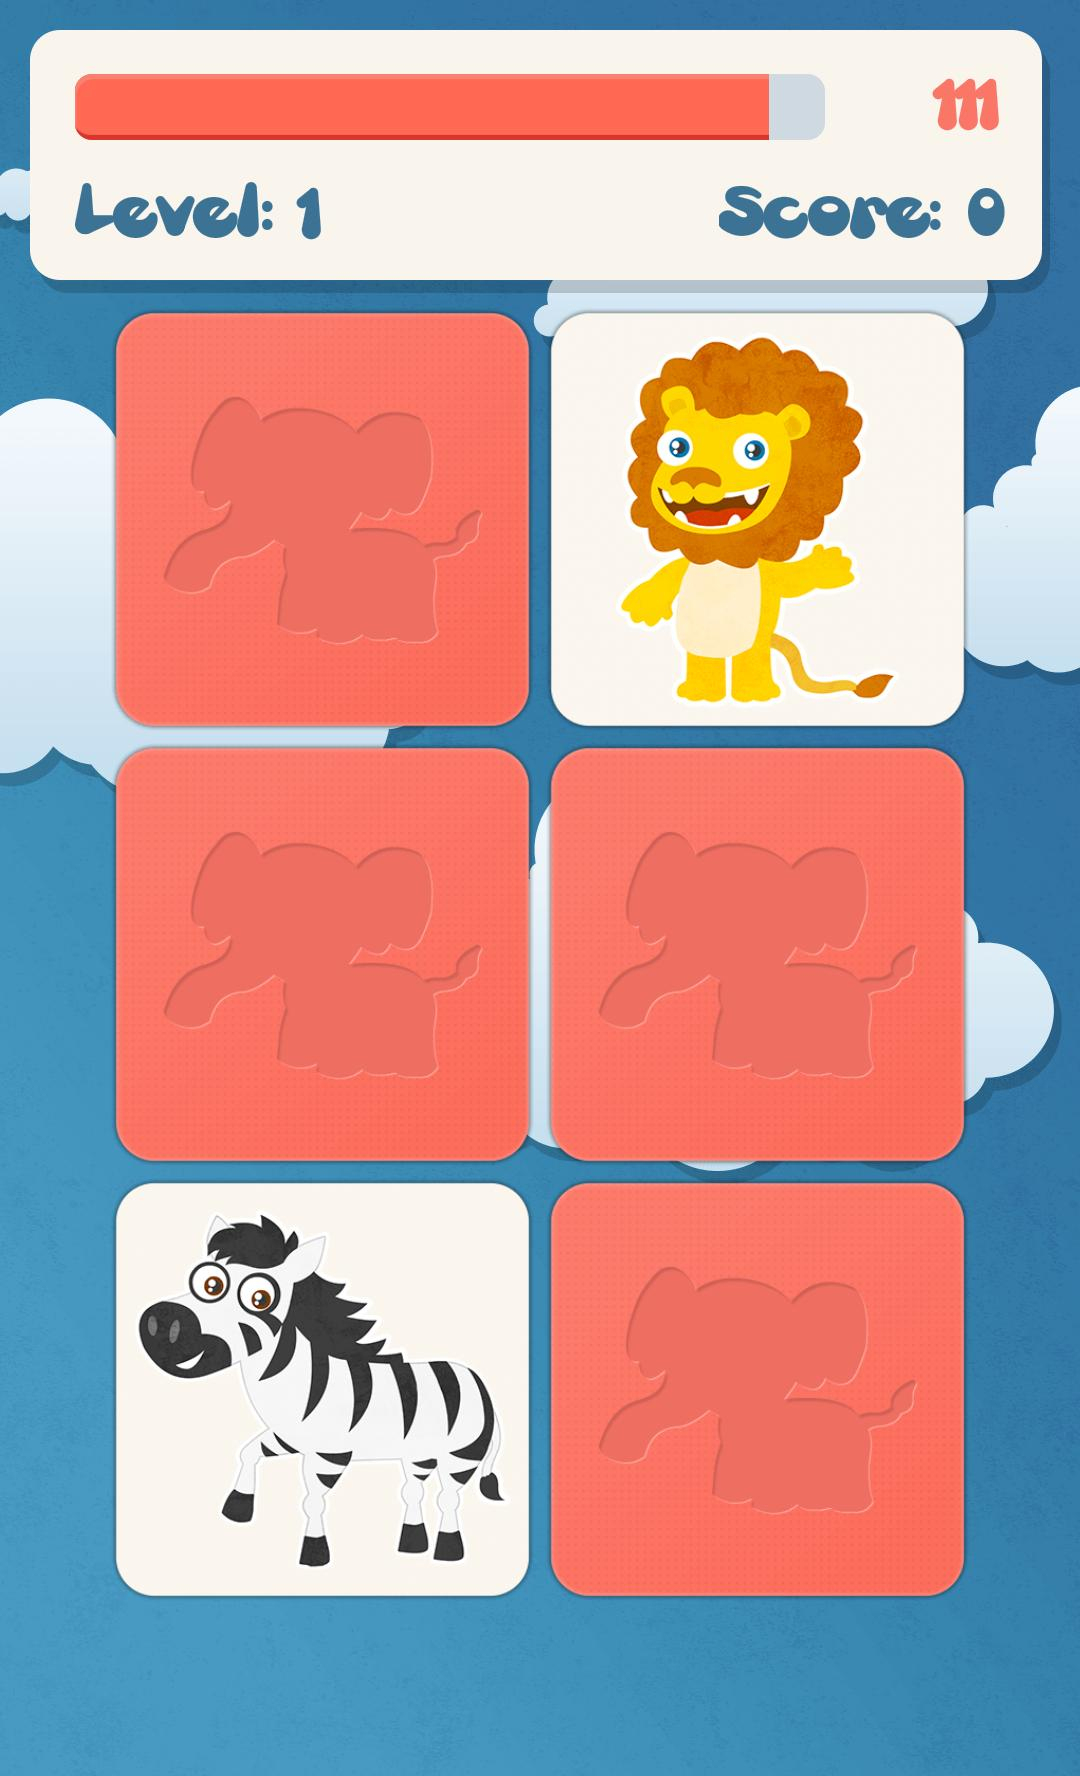 Jeu De Mémoire Des Enfants Pour Android - Téléchargez L'apk dedans Jeux De Memoire Enfant